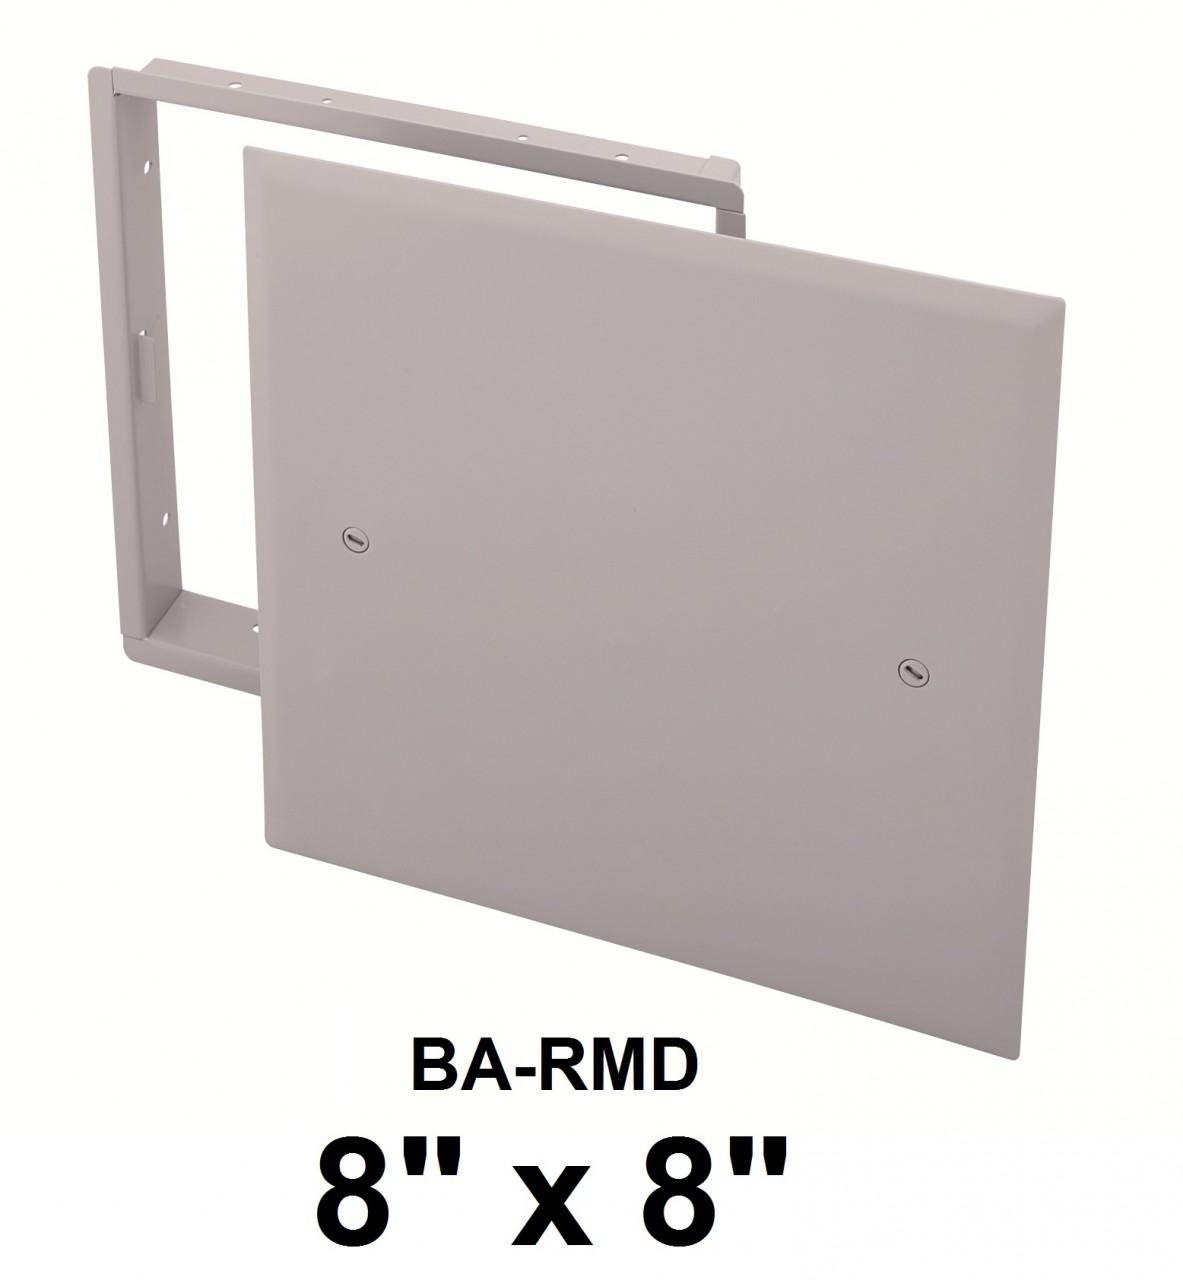 Access Door BA-RMD 8 x 8 Removeable with Hidden Flange - BEST